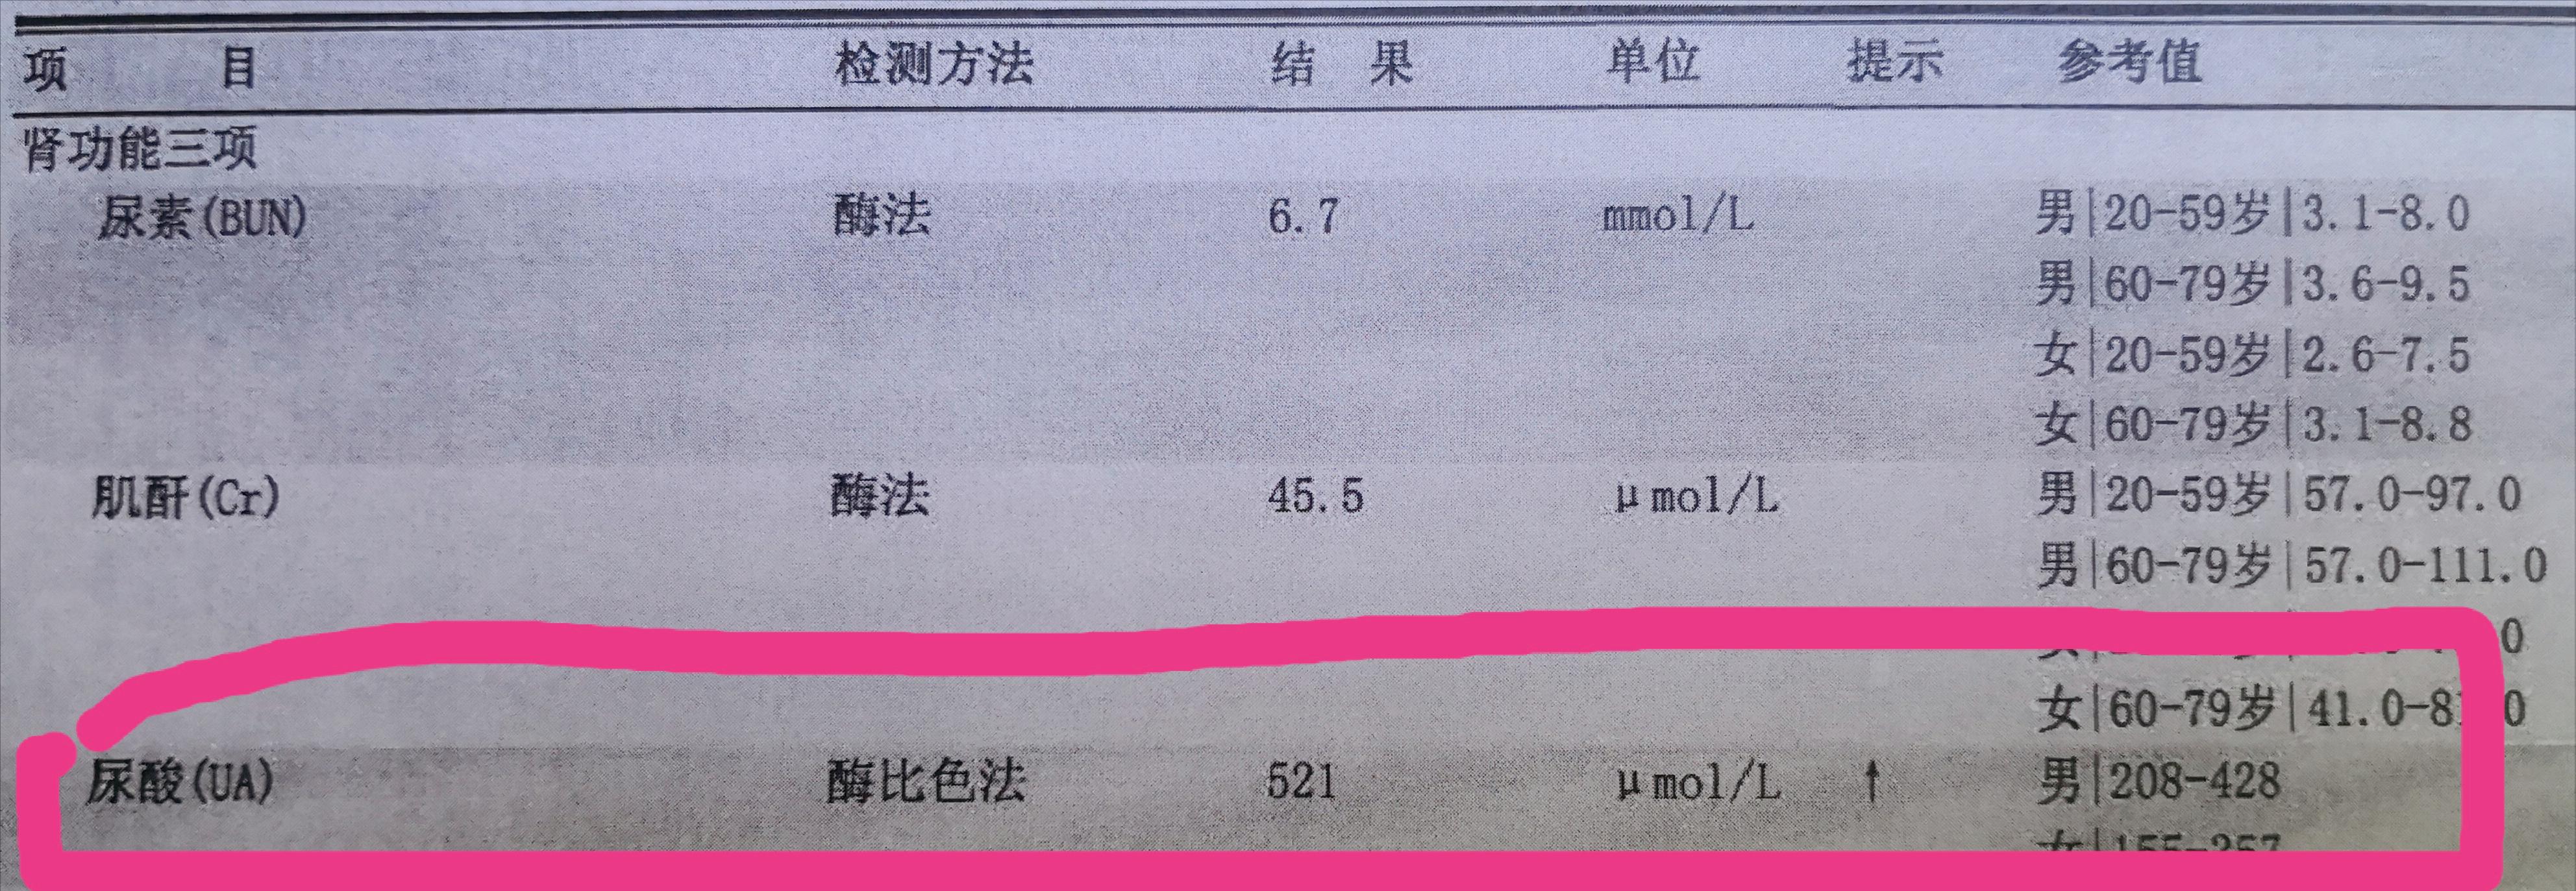 尿酸高,无痛风,吃药吗?中国、美国治疗方法不同!郭麒麟最该读